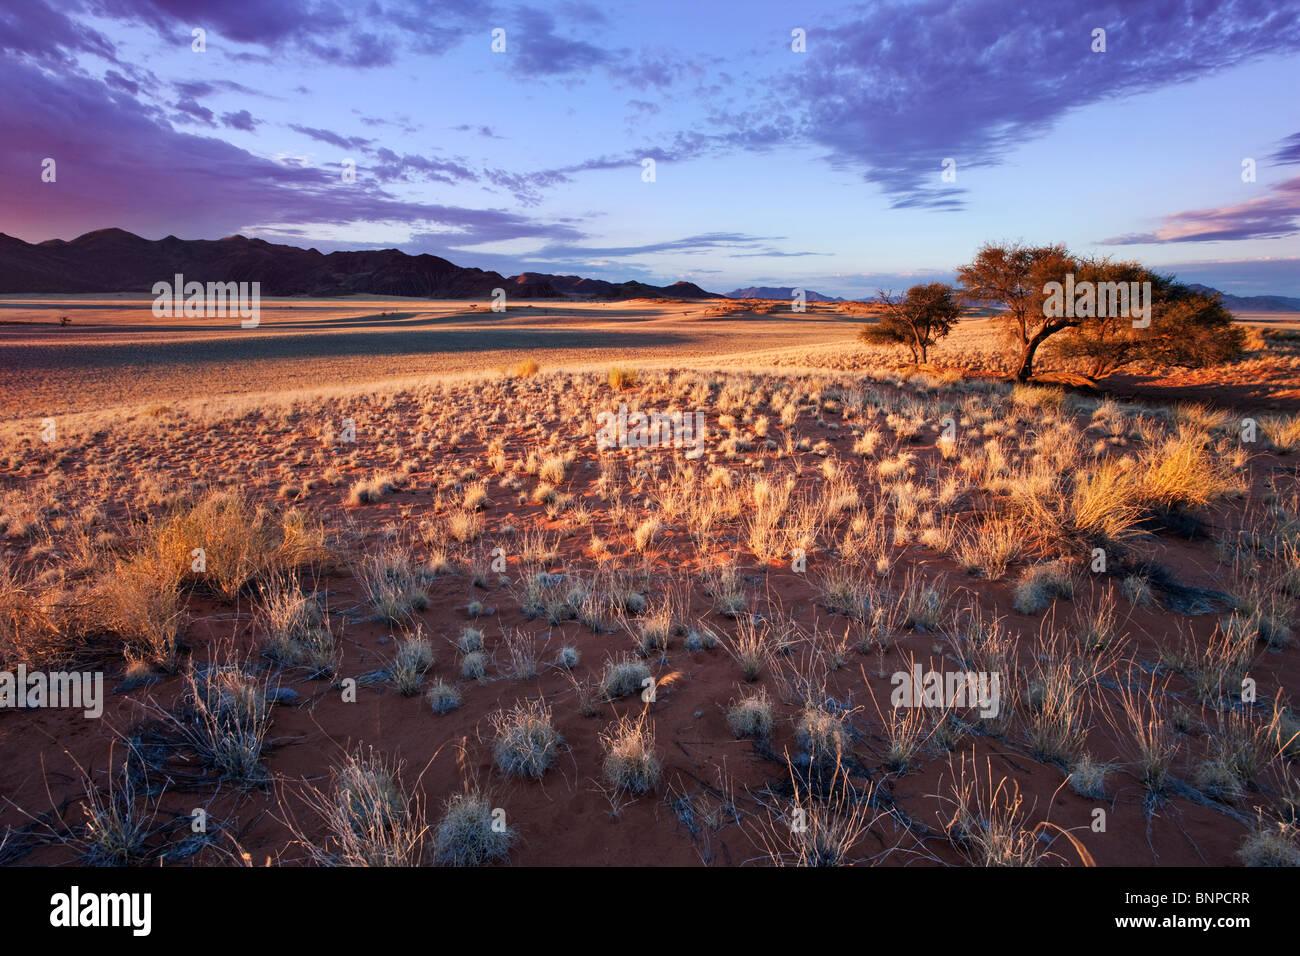 Untergehenden Sonne leuchtet, einzigartige Landschaft der Namib-Wüste Südwesten oder Pro-Namib. NamibRand Stockbild